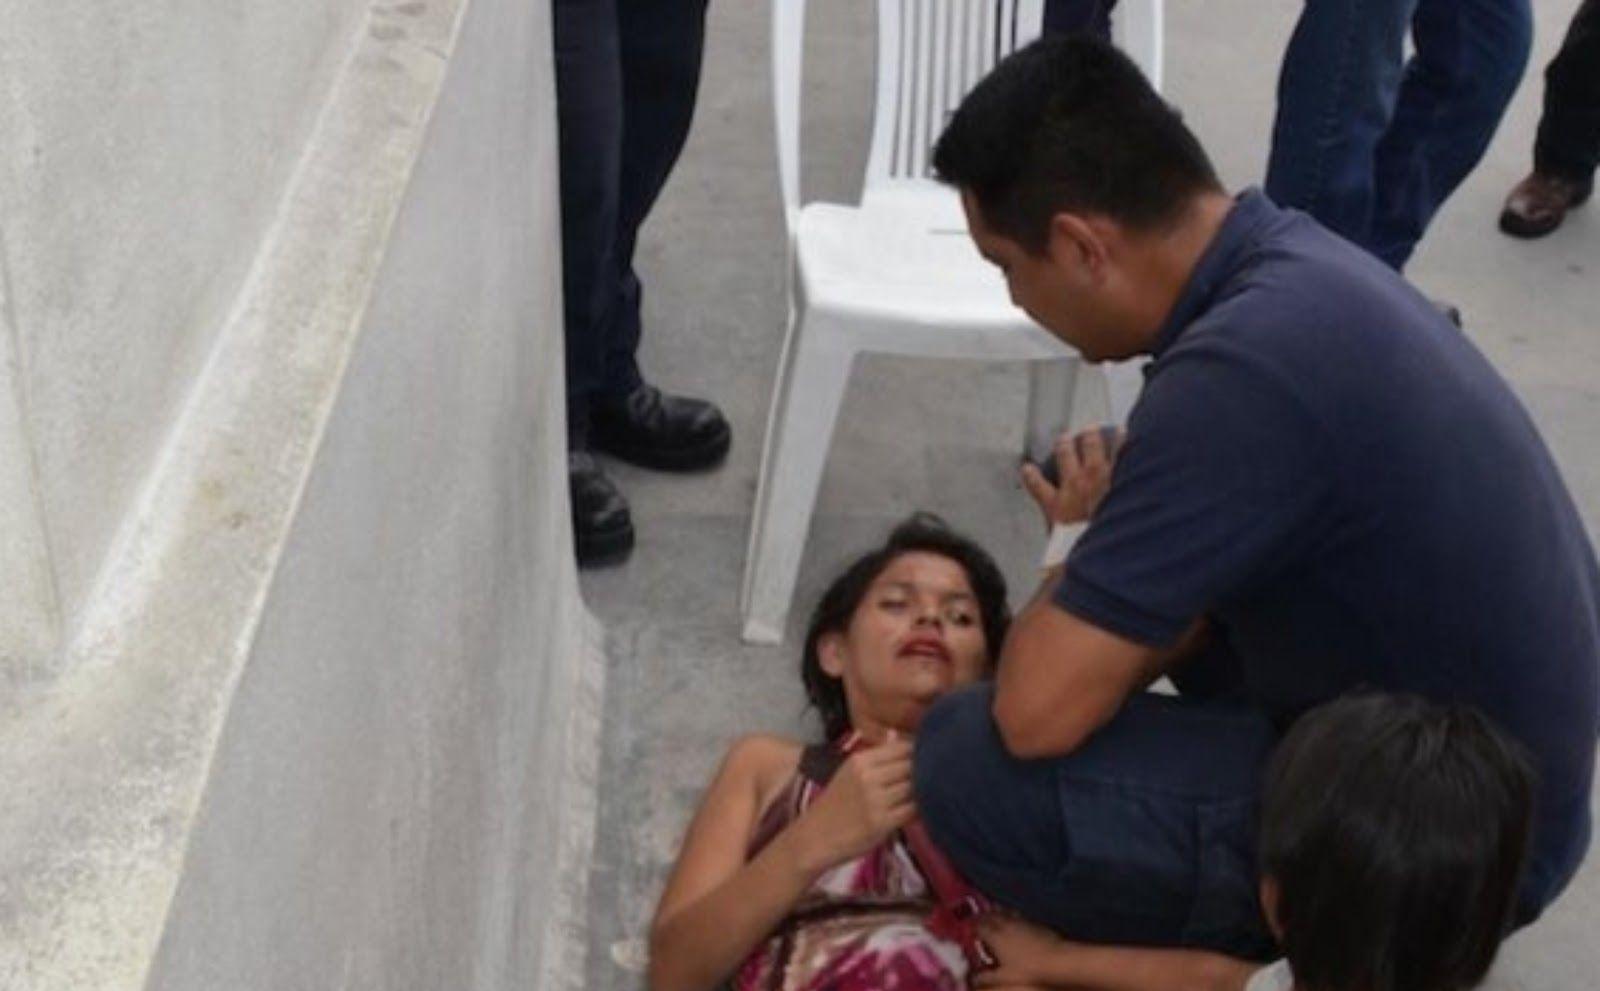 """El día de ayer en horas de la noche se conoció la historia de María Fernanda Díaz una mujer de aproximadamente 23 años residente en el barrio El Valle de Barranquilla, según los testigos, la mujer se pilló al esposo dándole """"Me Encanta"""" a otras mujeres en Facebook y en Instagram"""